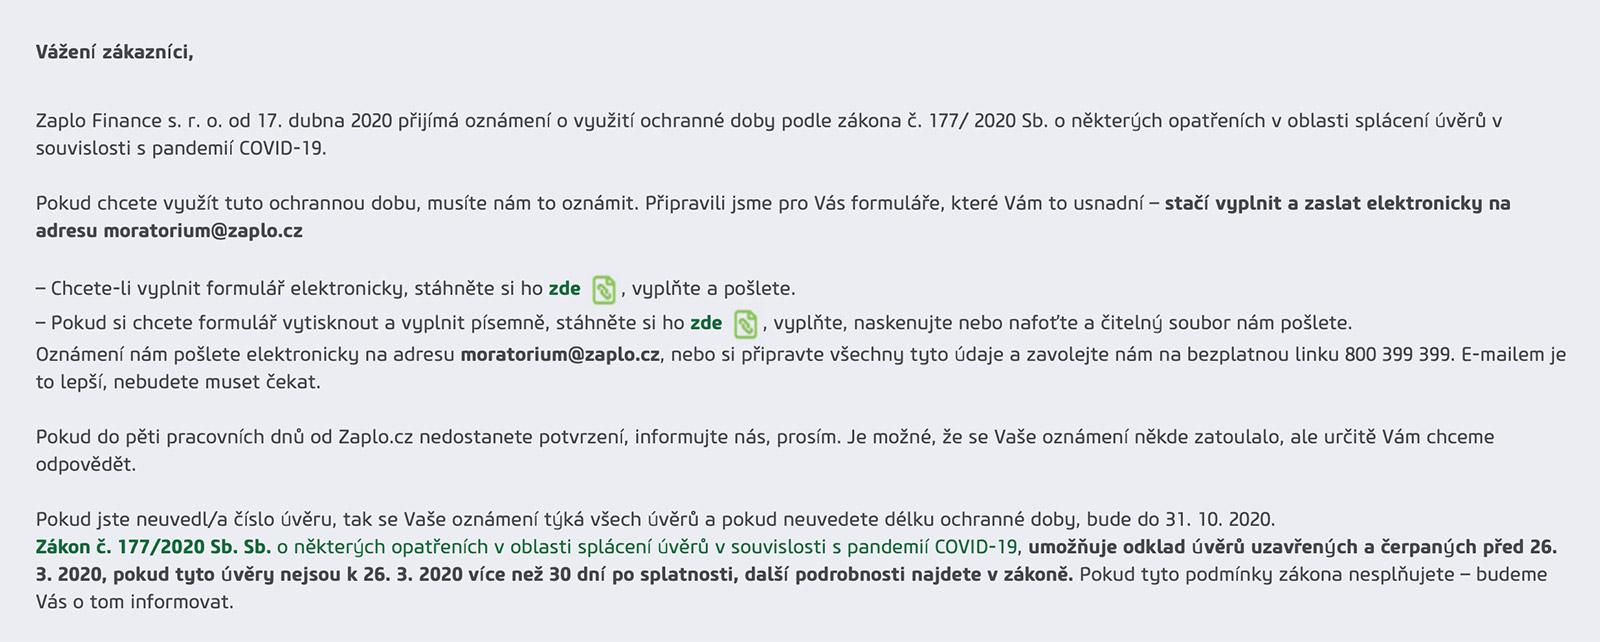 Odklad splátek na webu www.zaplo.cz